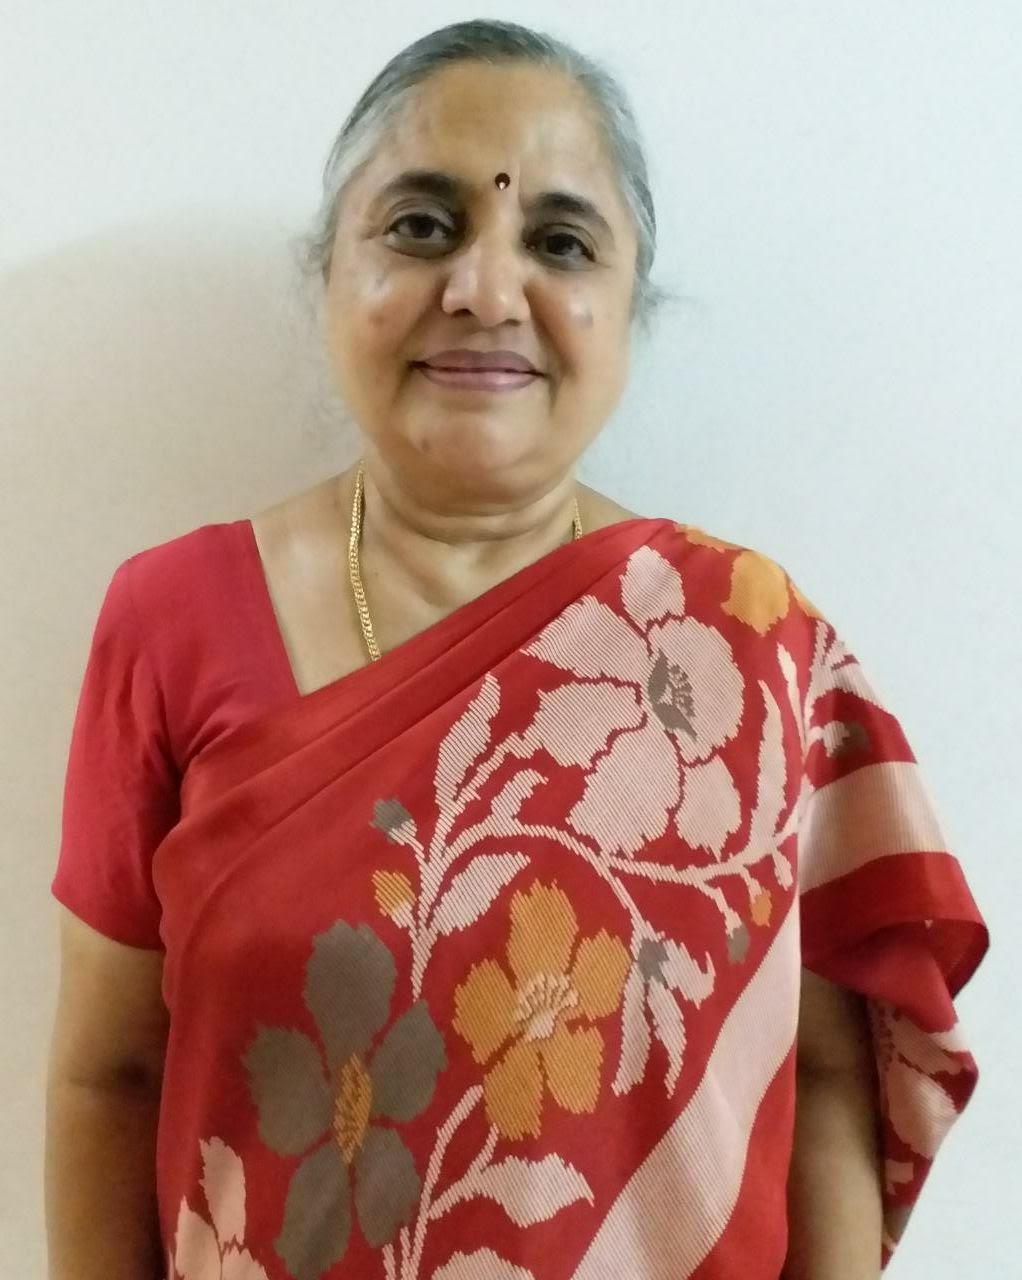 JAYALAKSHMI Volunteer at Counselling in Bangalore for Vishwas